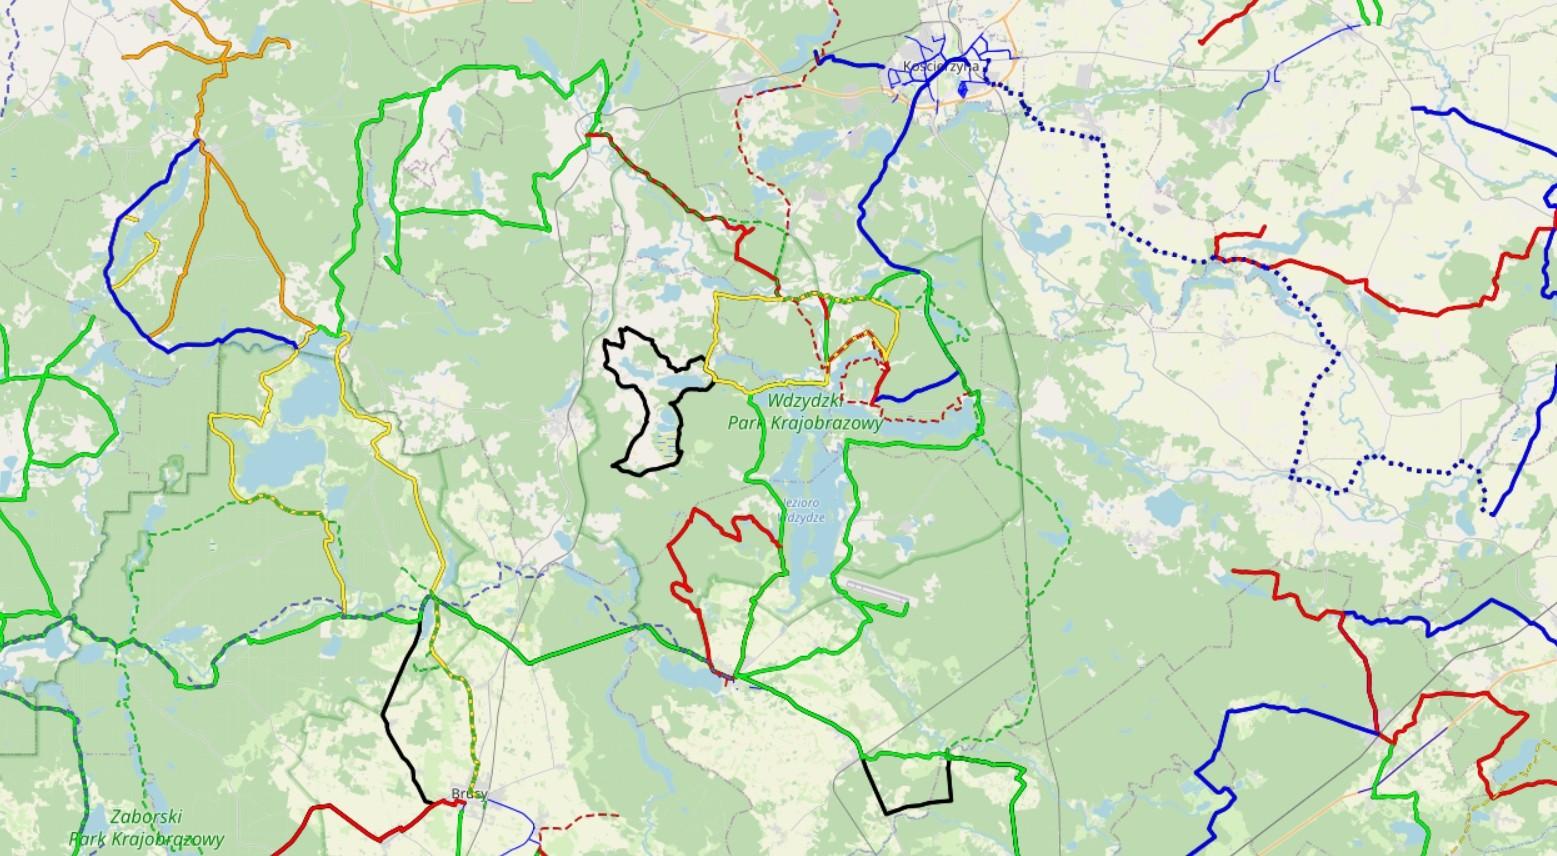 Szlaki we Wdzydzkim Parku Krajobrazowym